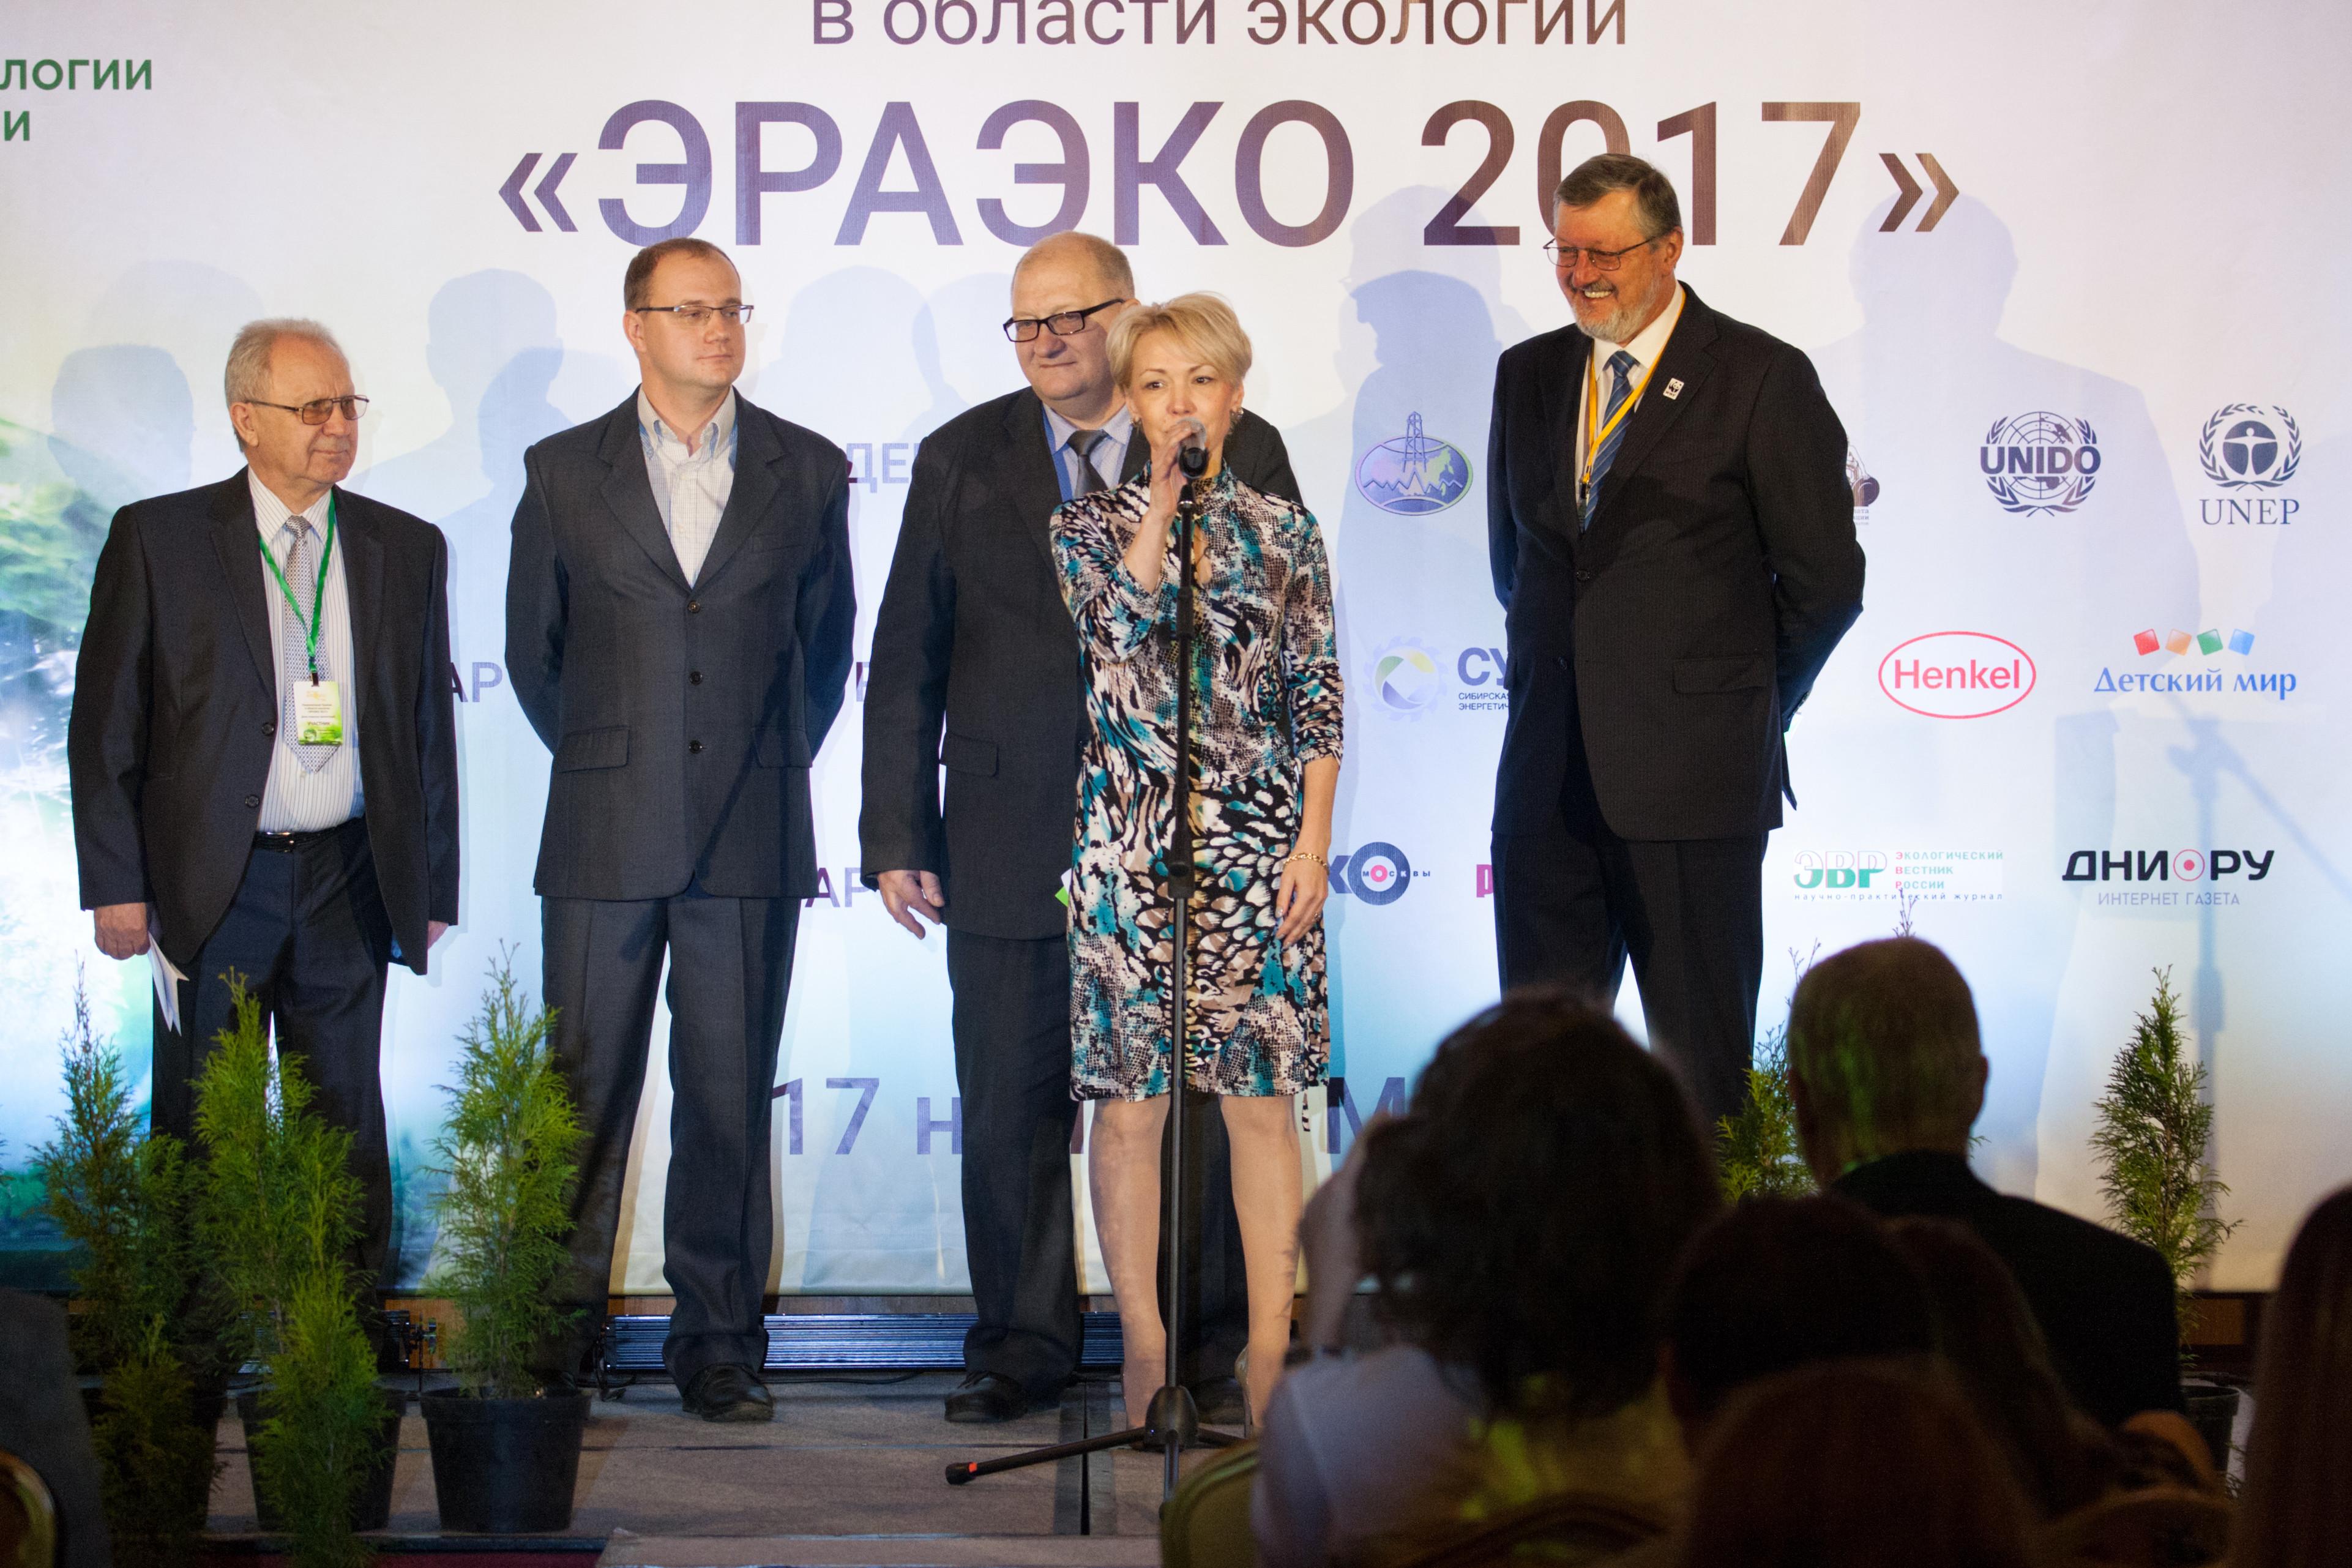 Объявлены победители государственной экологической премии ERAECO